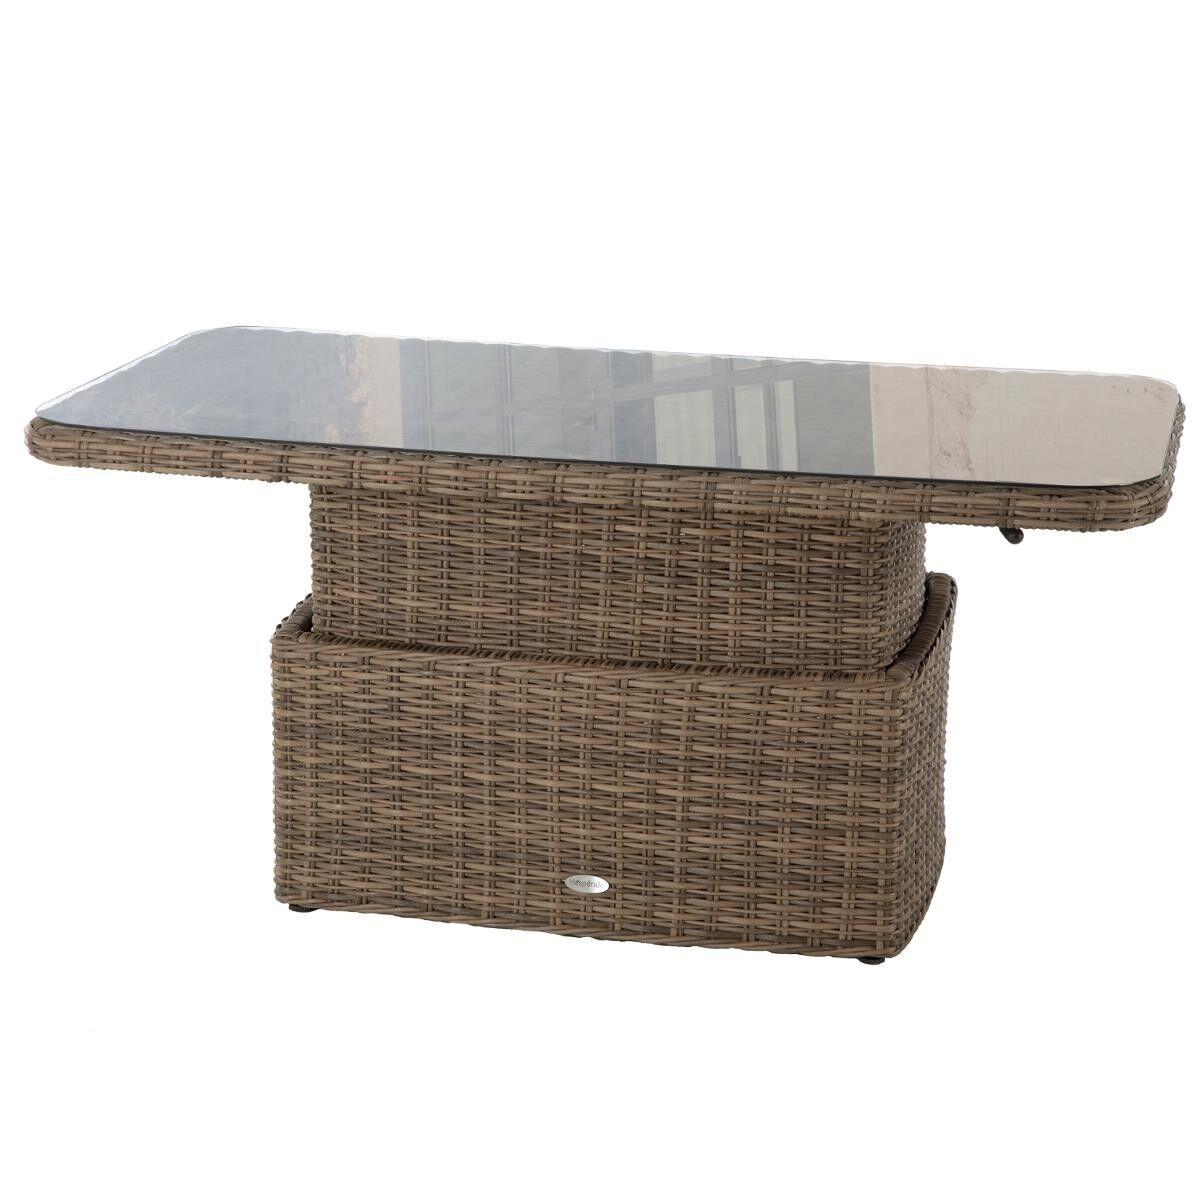 Hespéride Table basse rectangulaire relevable Mooréa Naturae Jardin Aluminium traité époxy, Résine tressée, Verre trempé